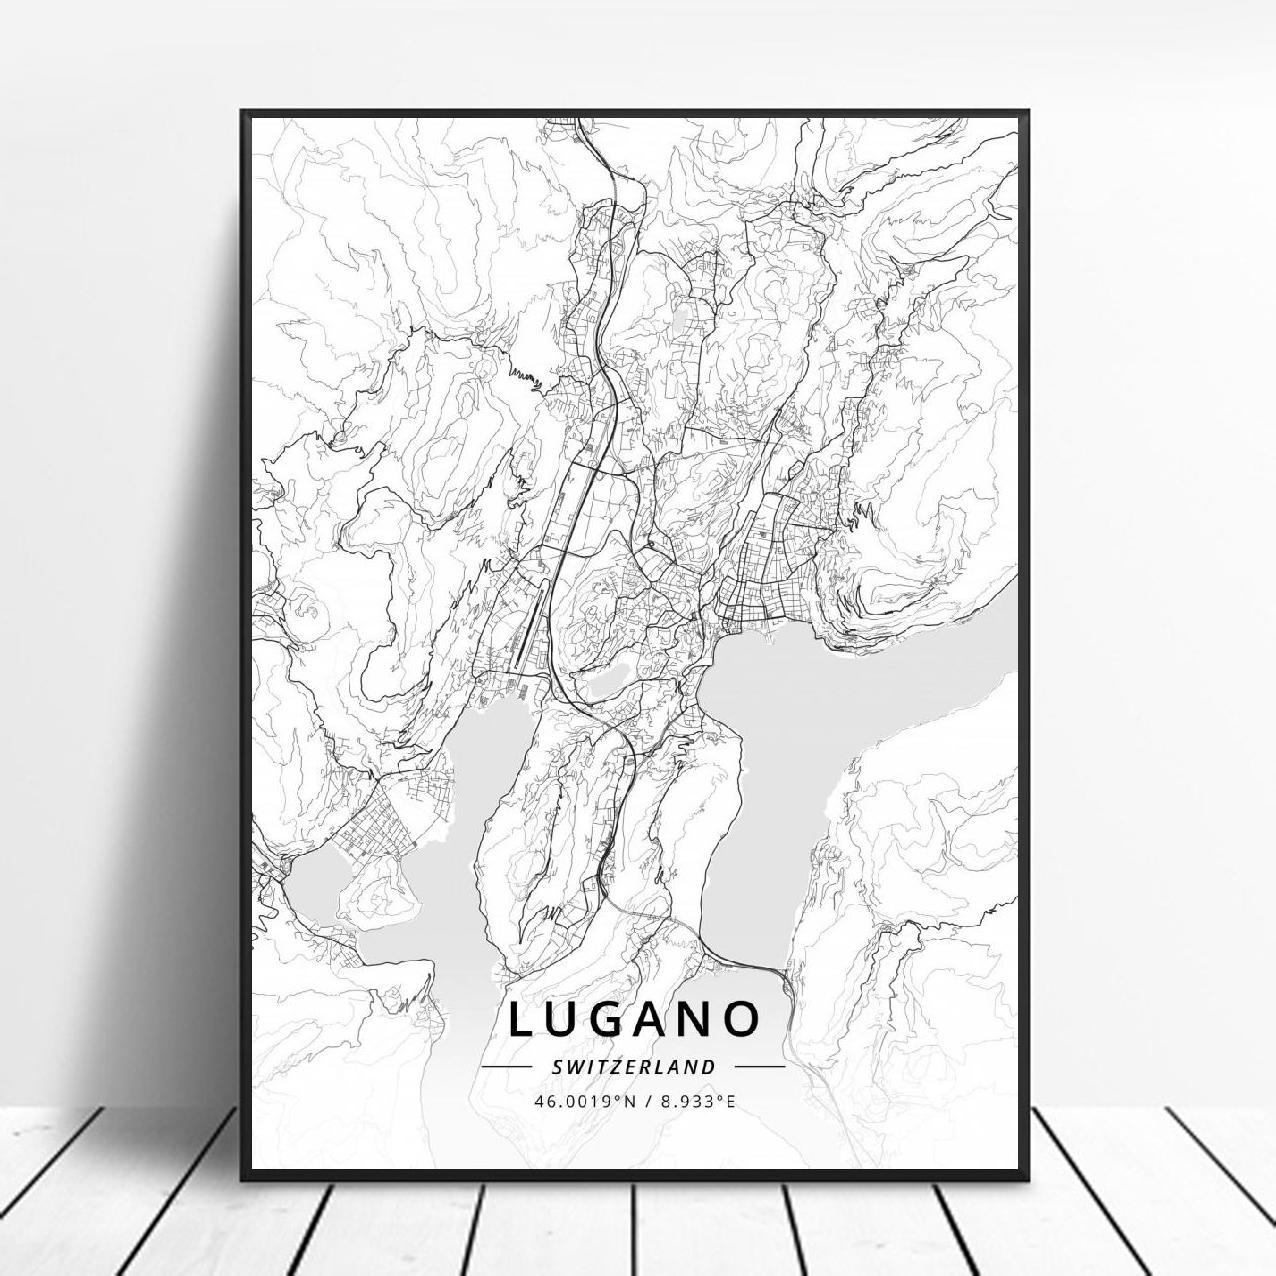 Lugano-Póster Artístico de Bern Lausanne St Gallen, Zúrich Geneva, Switzerland Basel, impresiones...